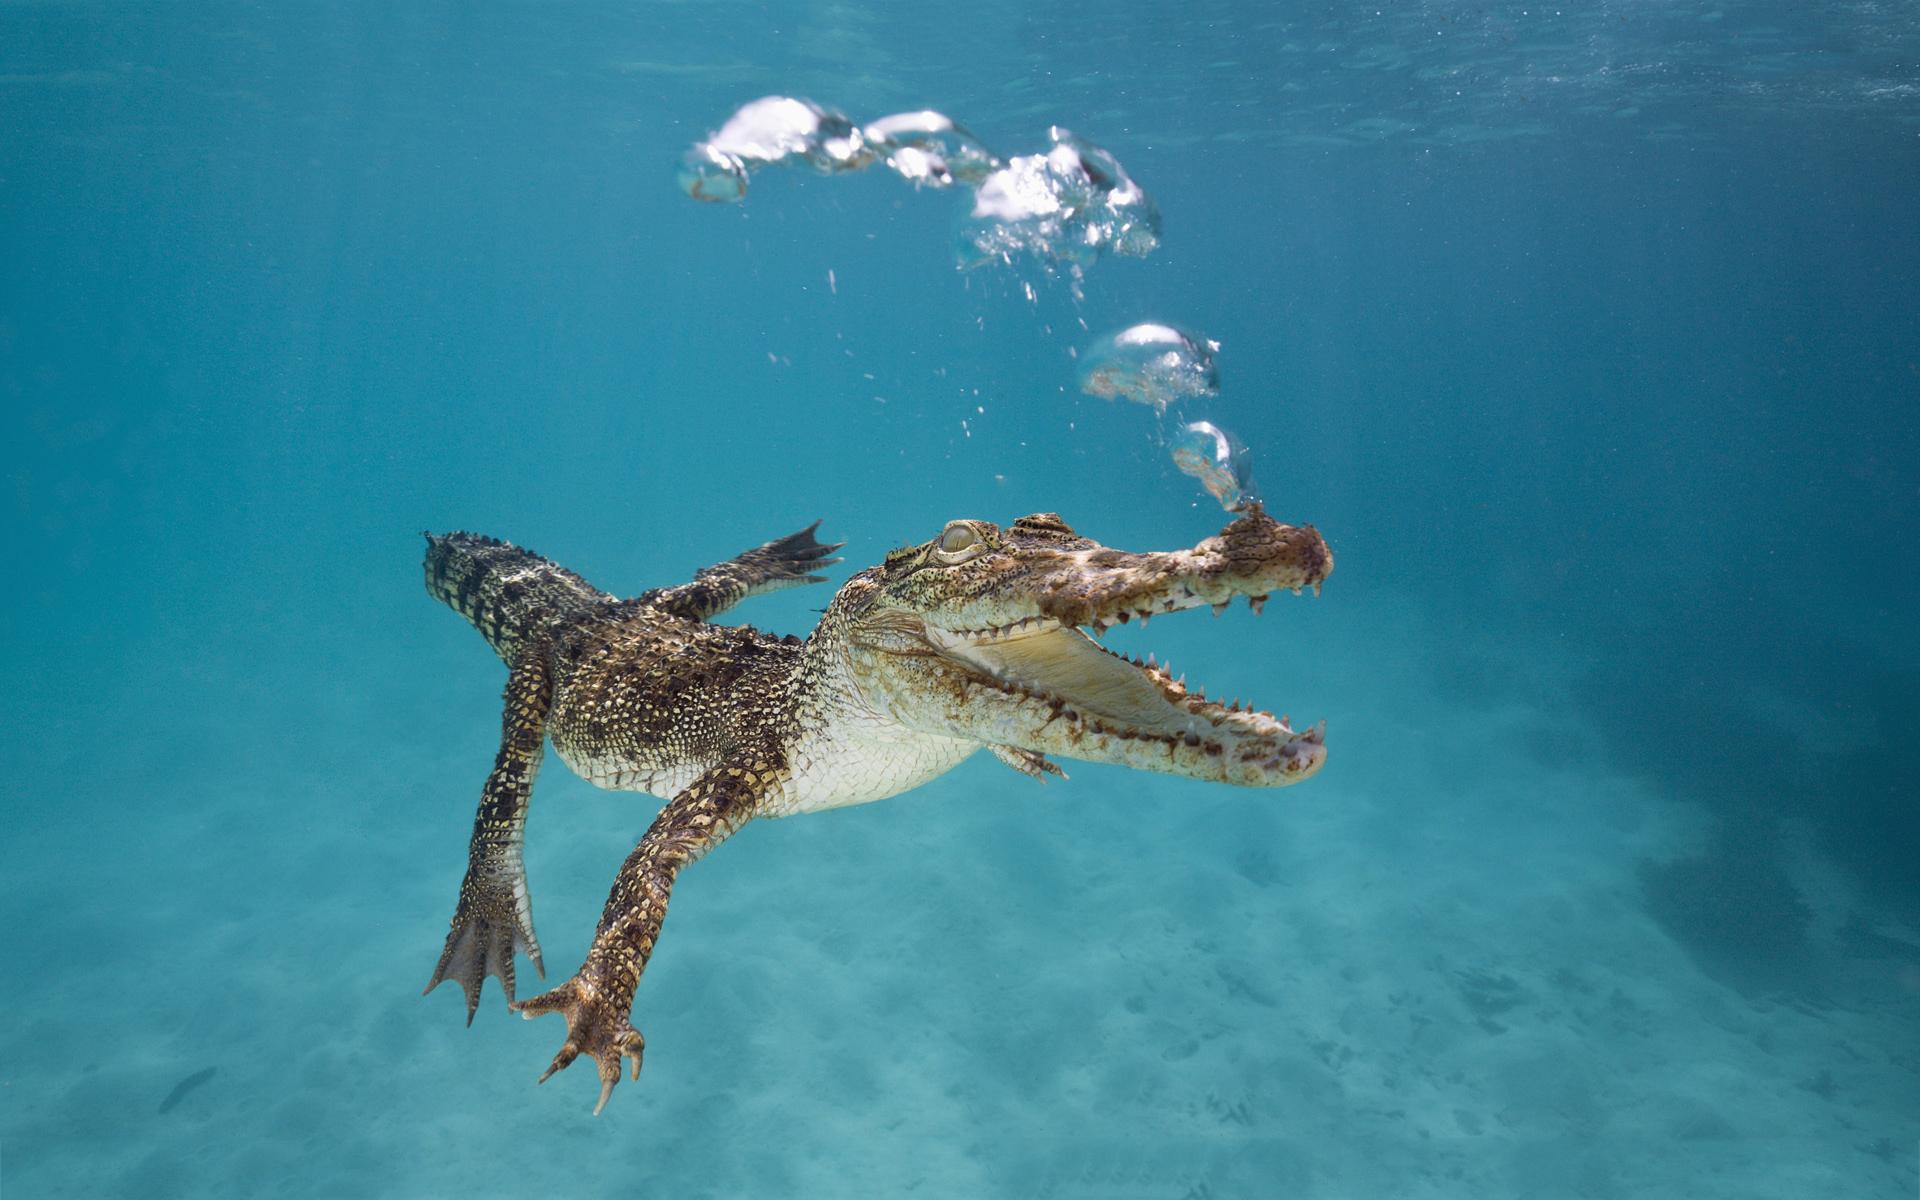 Crocodile bubbles